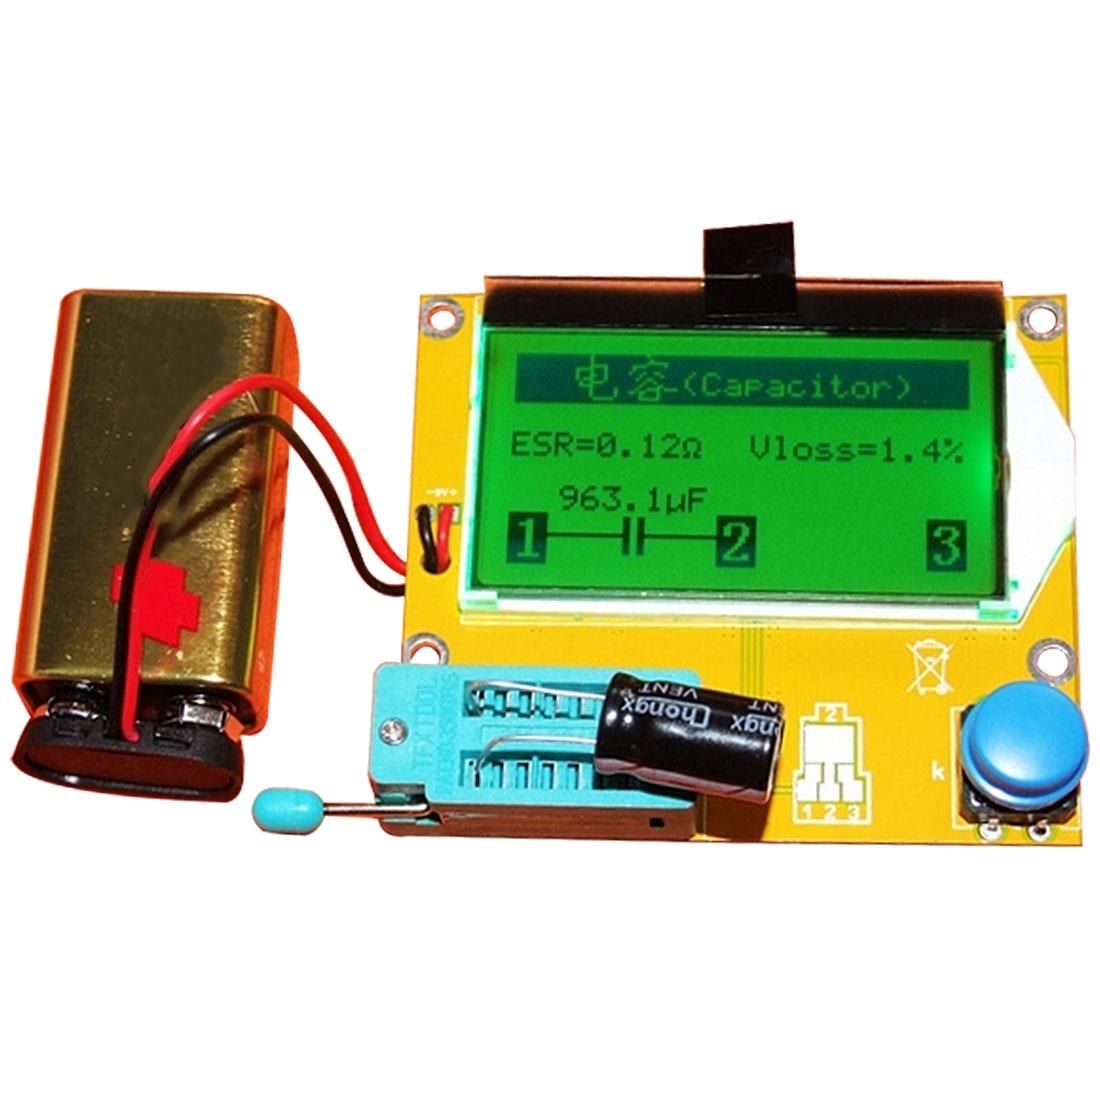 LCR-T4 12864 9V LCD Digital Transistor Tester Meter Backlight Diode Triode Capacitance ESR Meter For MOSFET/JFET/PNP/NPN L/C/R ...